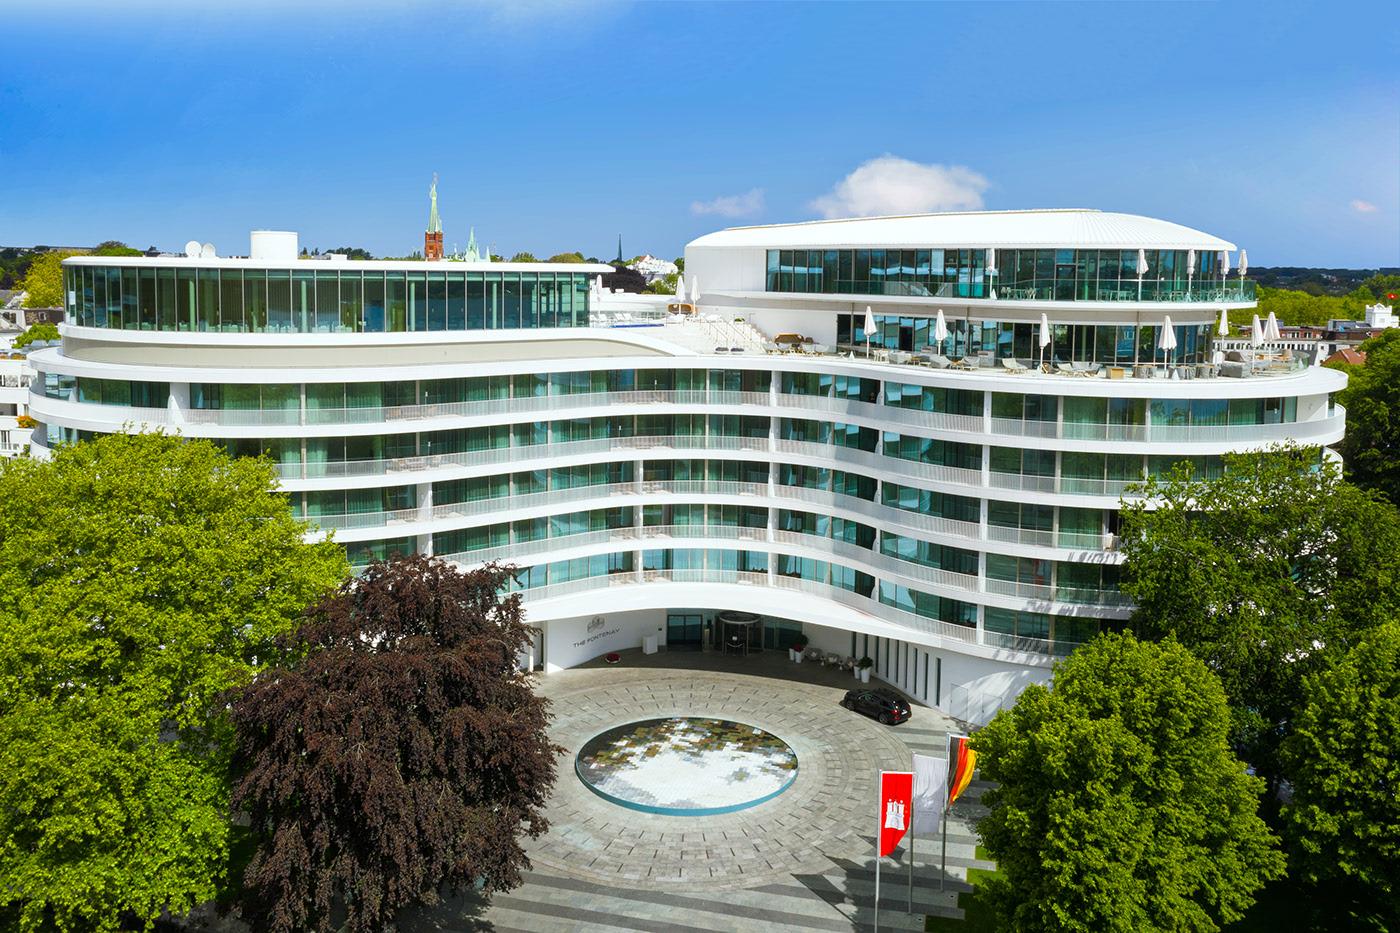 excelsior hotel ernst 8